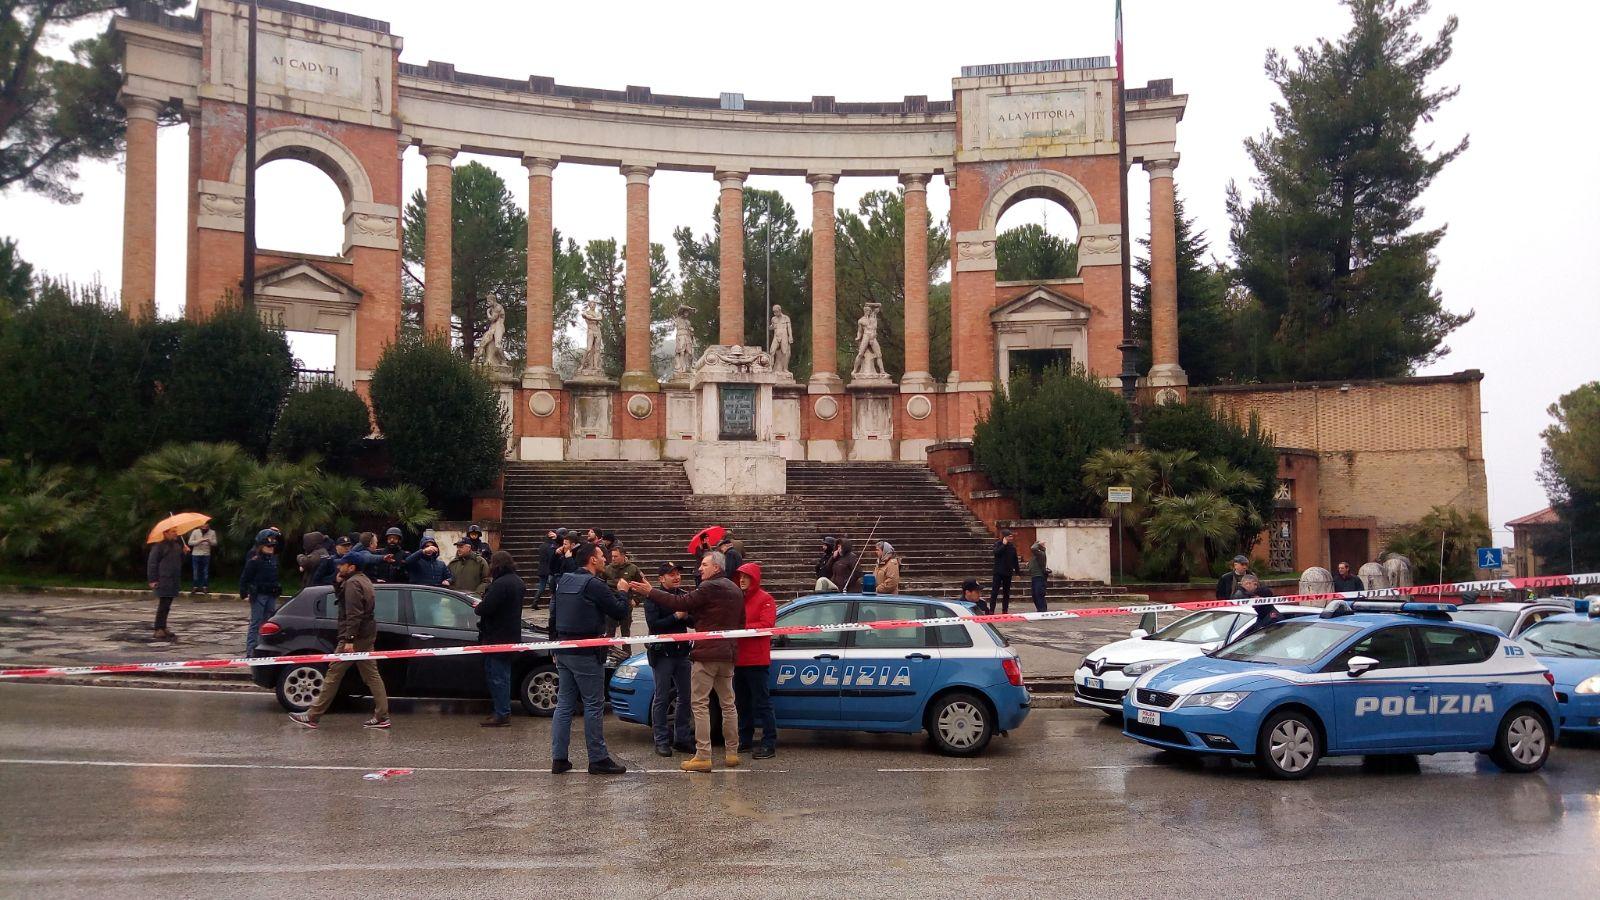 Sparatoria-macerata-monumento-caduti-spari-3